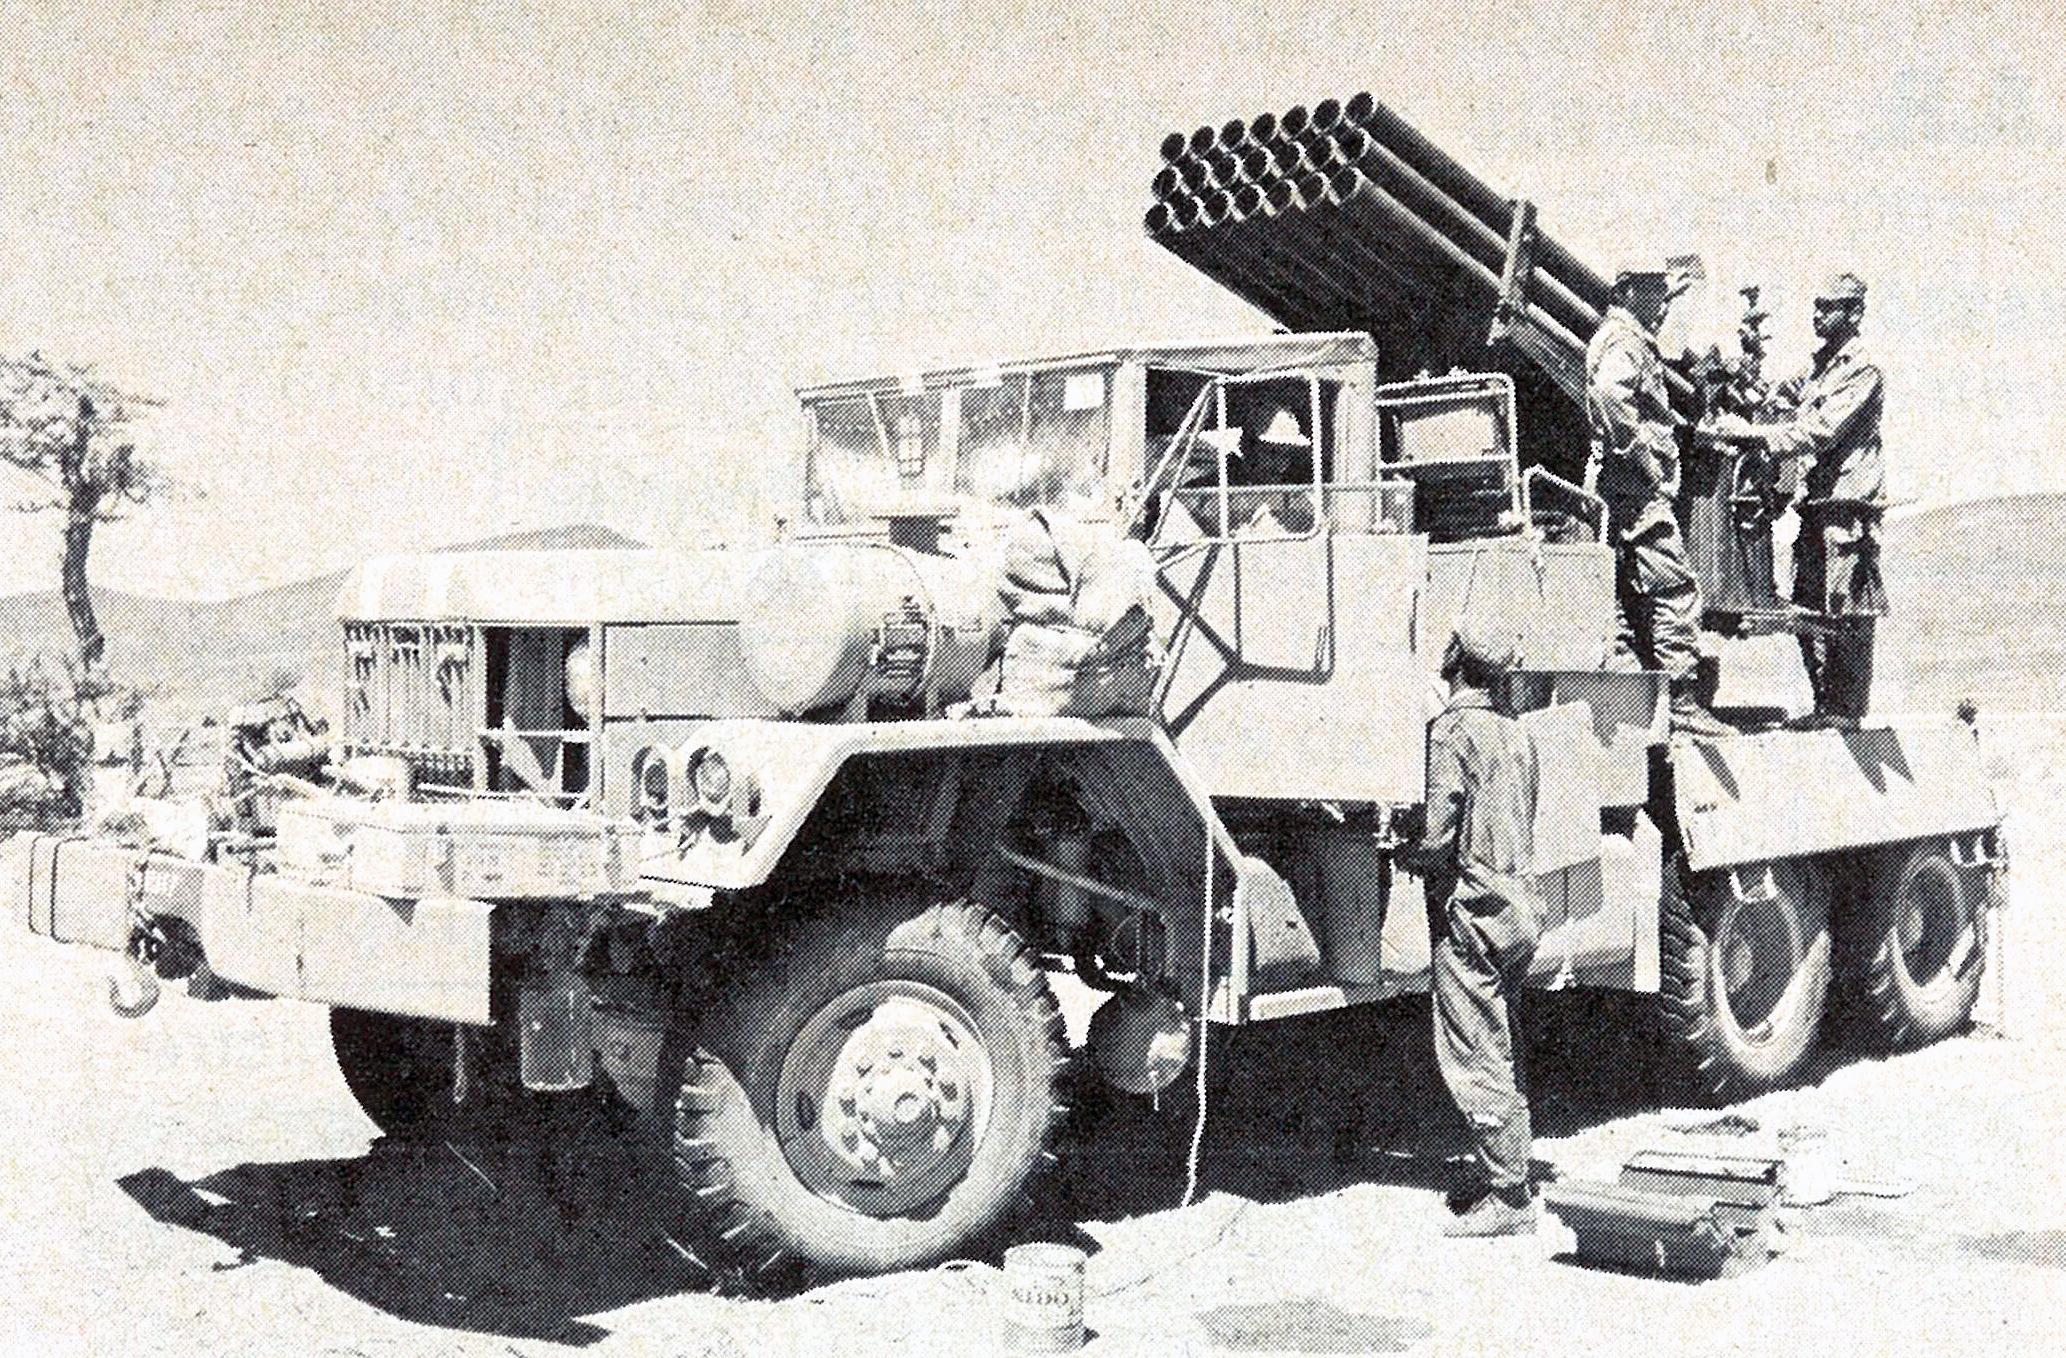 Le conflit armé du sahara marocain - Page 9 25331484199_335c7692a3_o